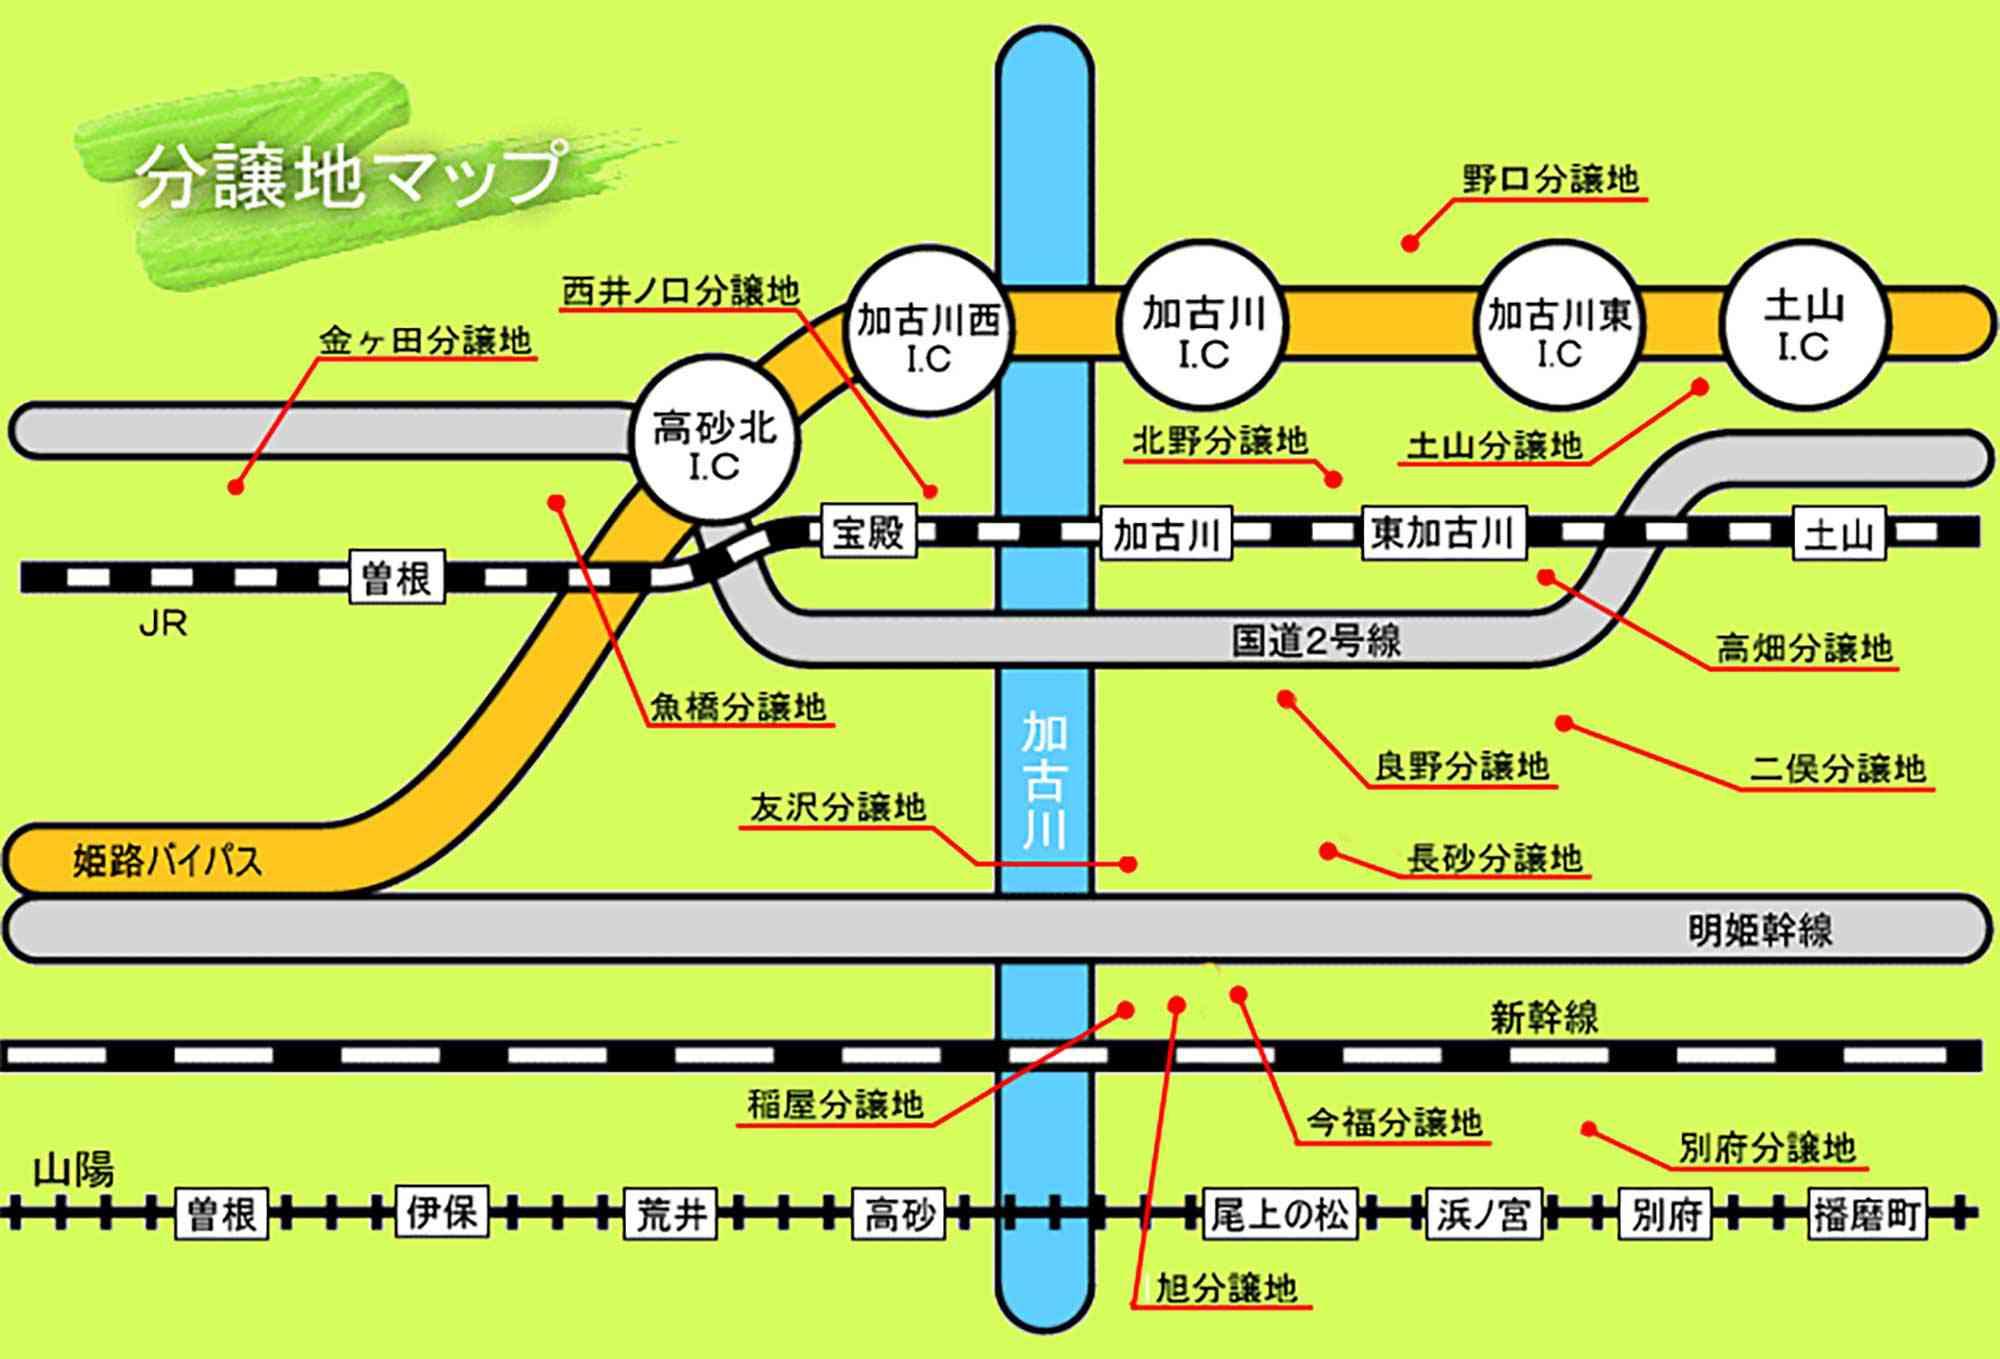 bunjou_map2